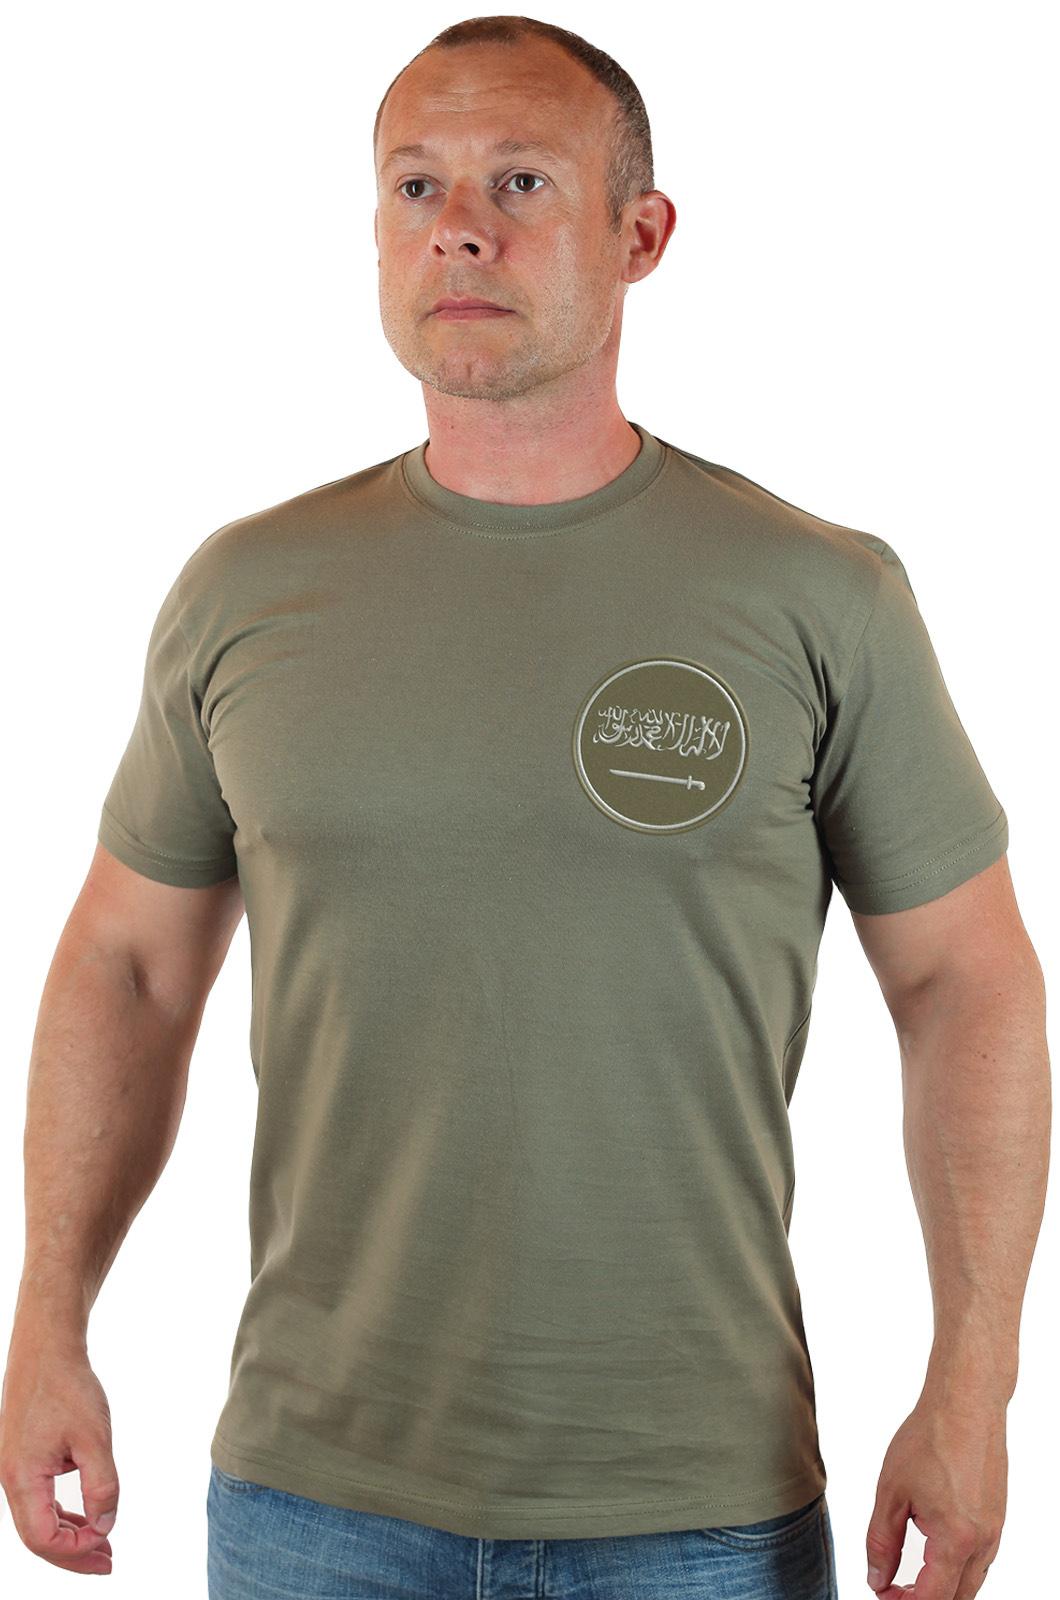 Купить армейскую футболку с шевроном Саудовской Аравии